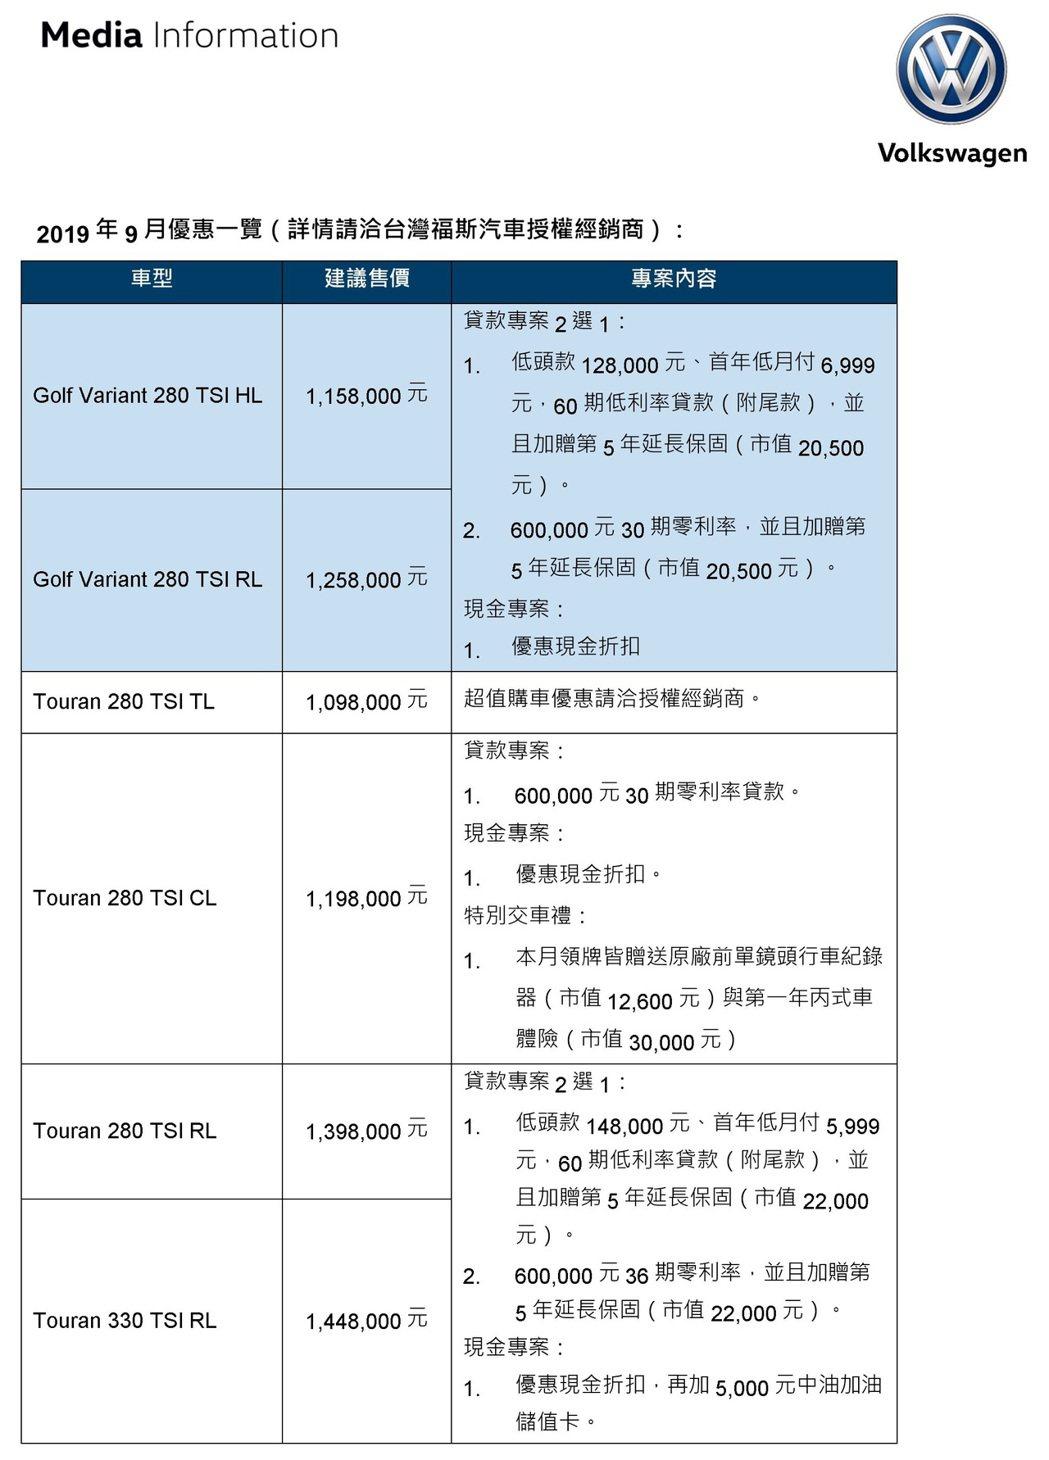 2019年9月優惠一覽(詳情請洽台灣福斯汽車授權經銷商)。 圖/Volkswag...